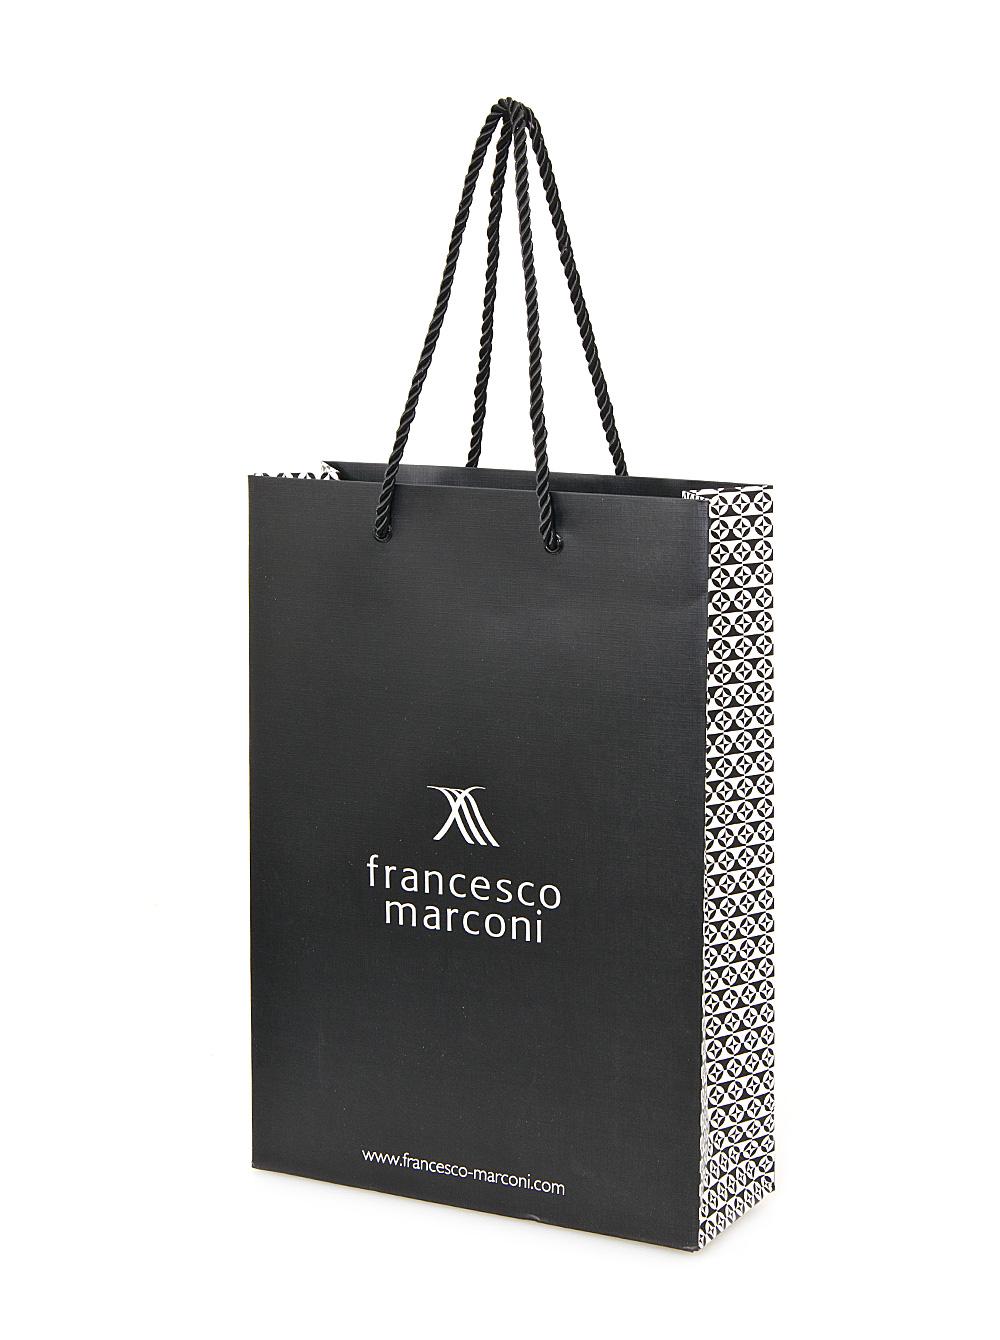 5d9437c94814 ... Франческо Маркони изготовляется специальная фурнитура. Символ торговой  марки должен присутствовать на всех мелких деталях, вплоть до бегунка  молнии.